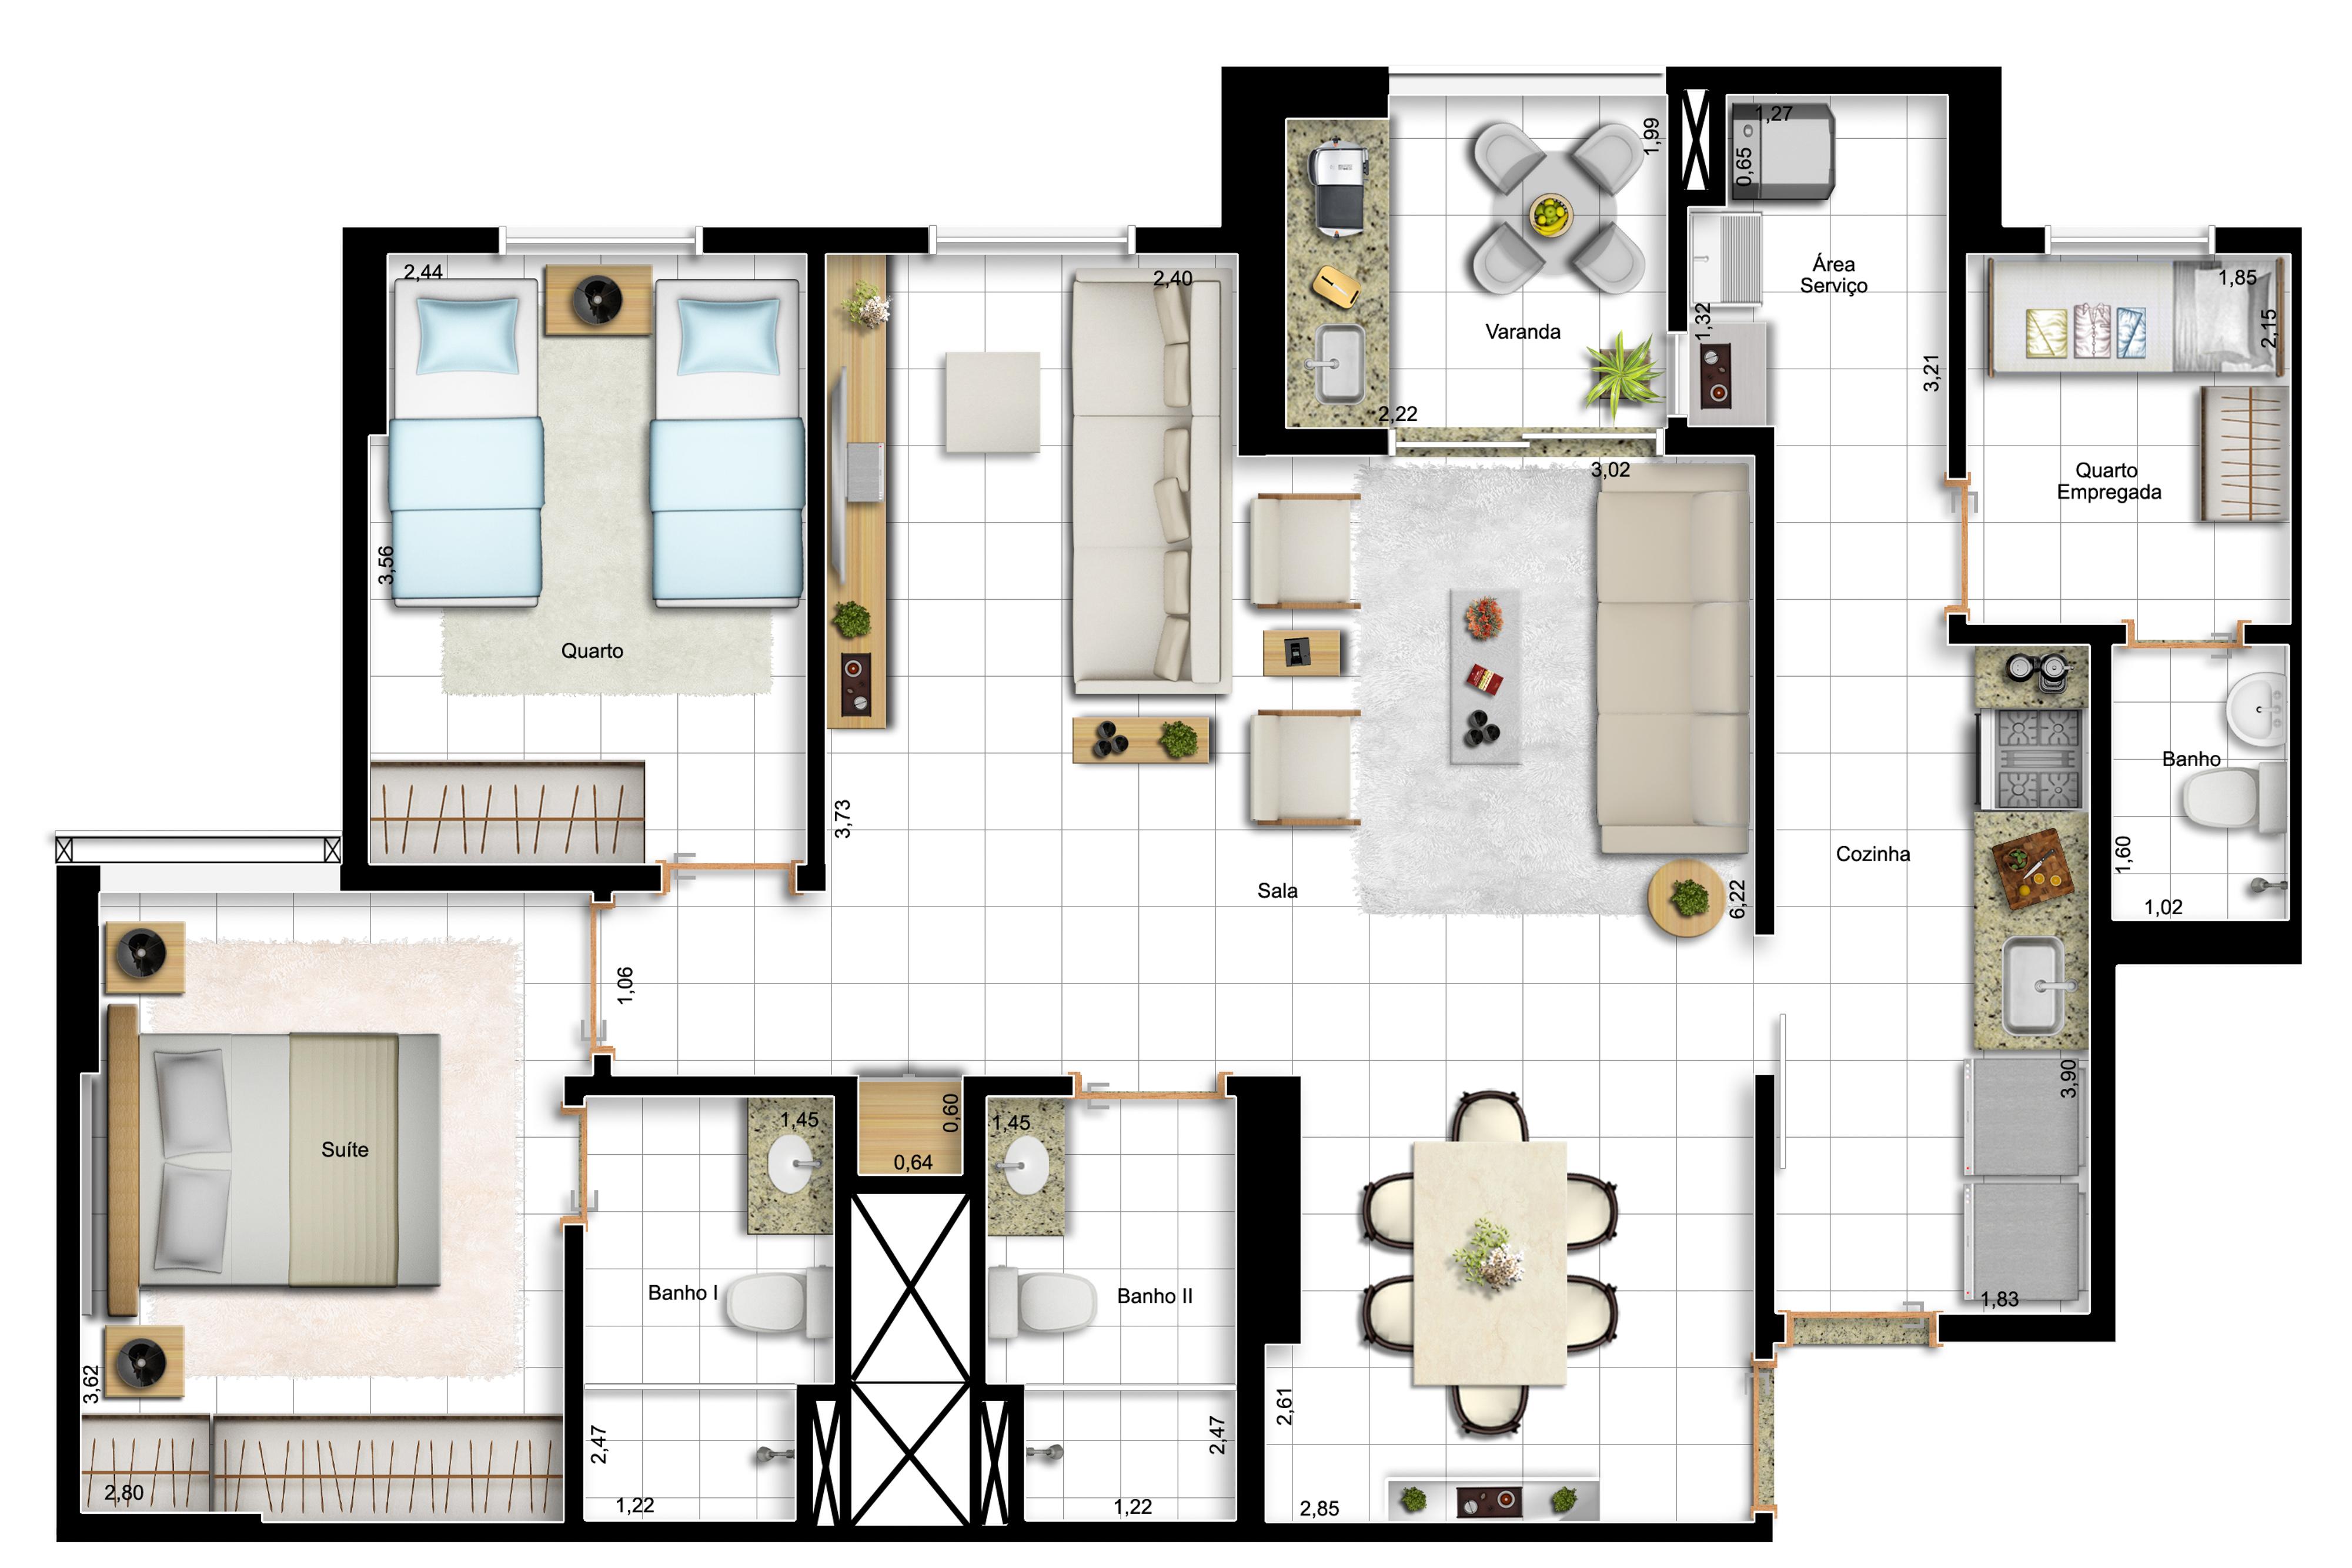 91,63m² 2 dorms - final 13 - opção com sala ampliada